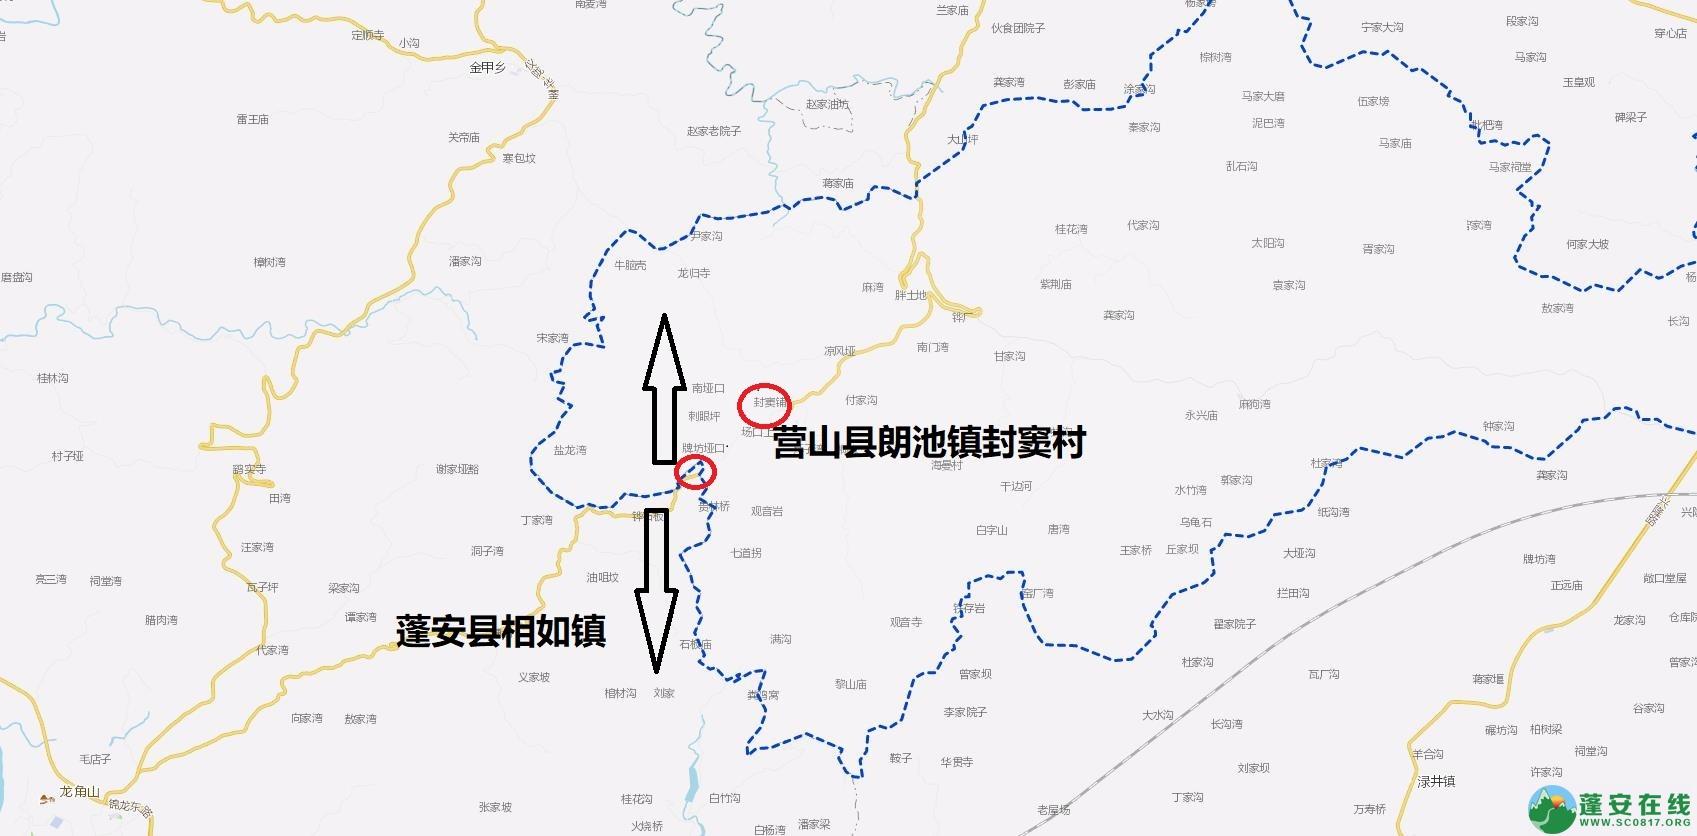 营山出土清代营山与蓬安县界碑 - 第2张  | 蓬安在线